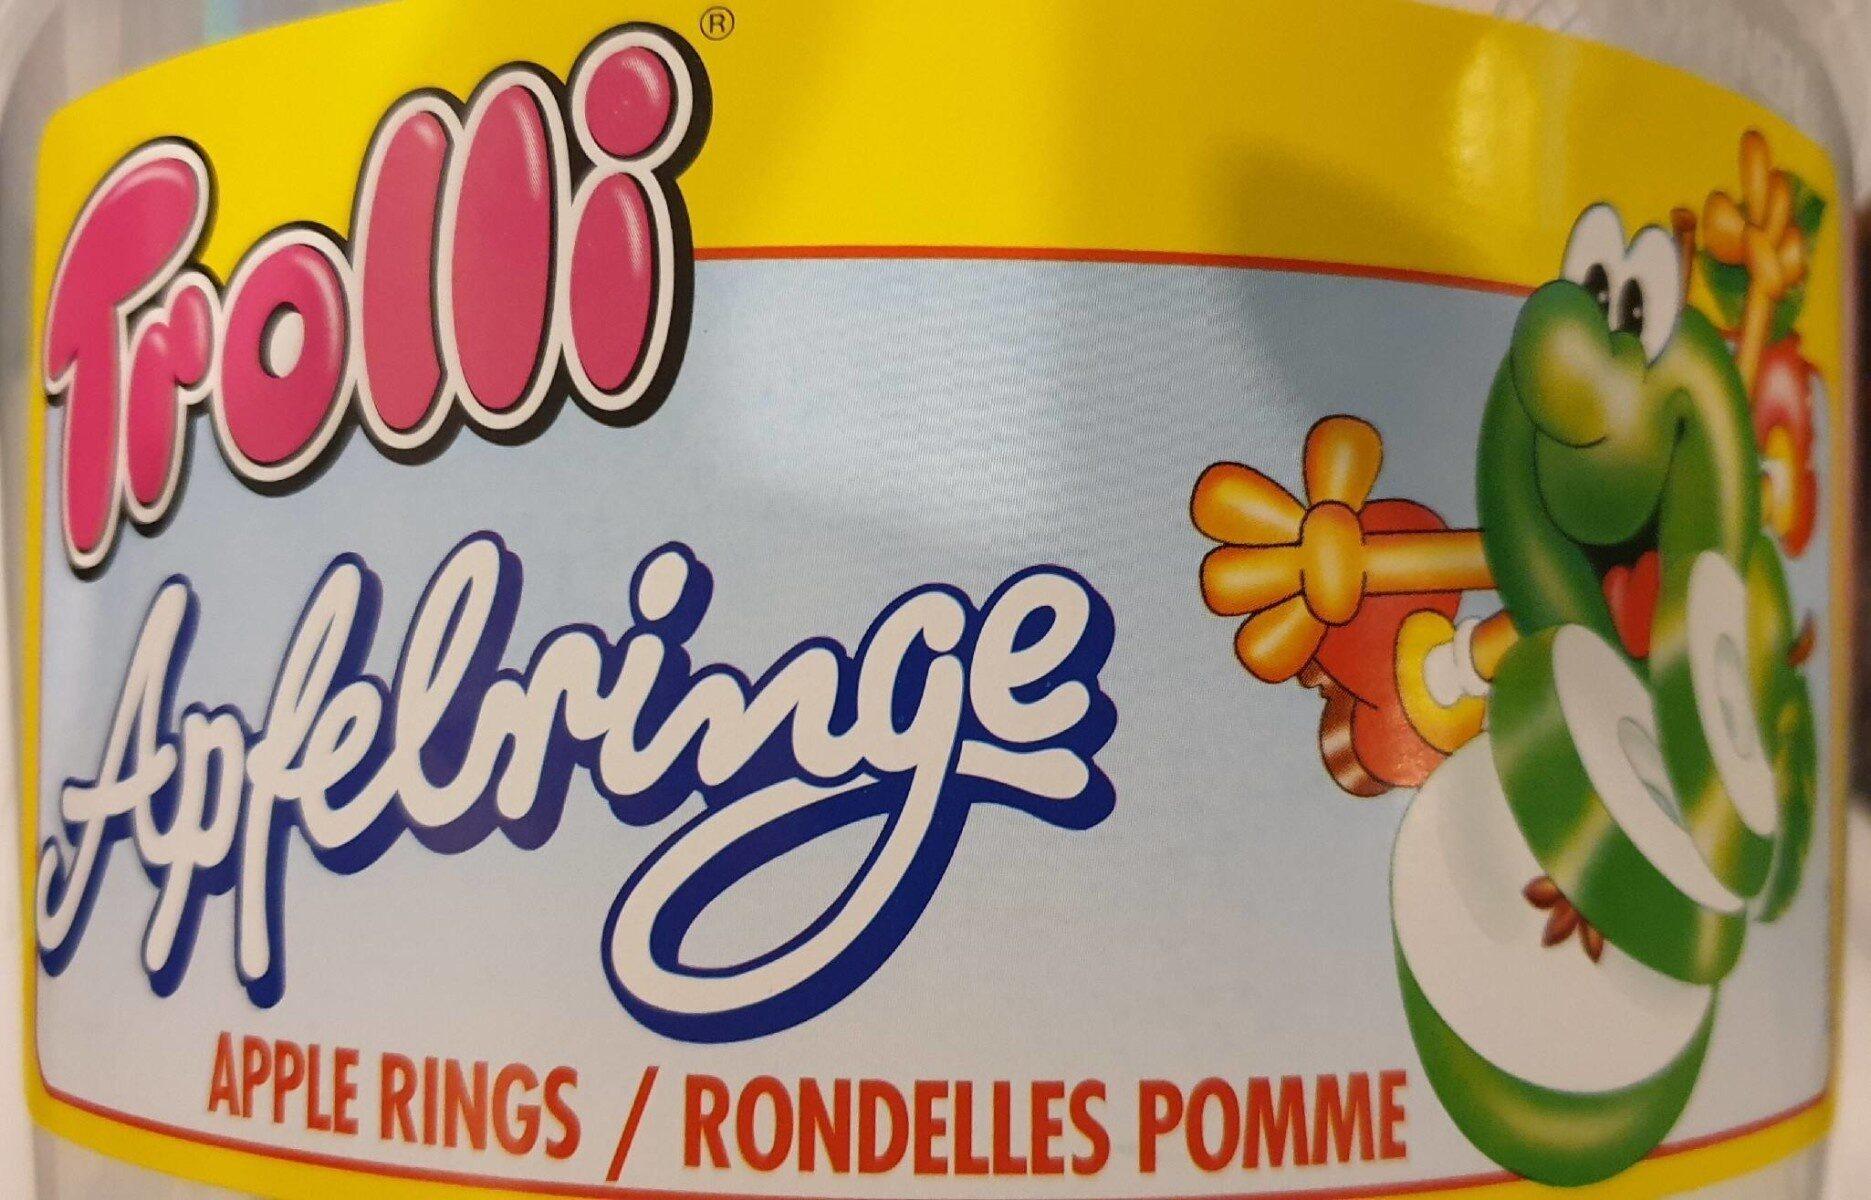 Trolli Apfelbringe - Prodotto - fr